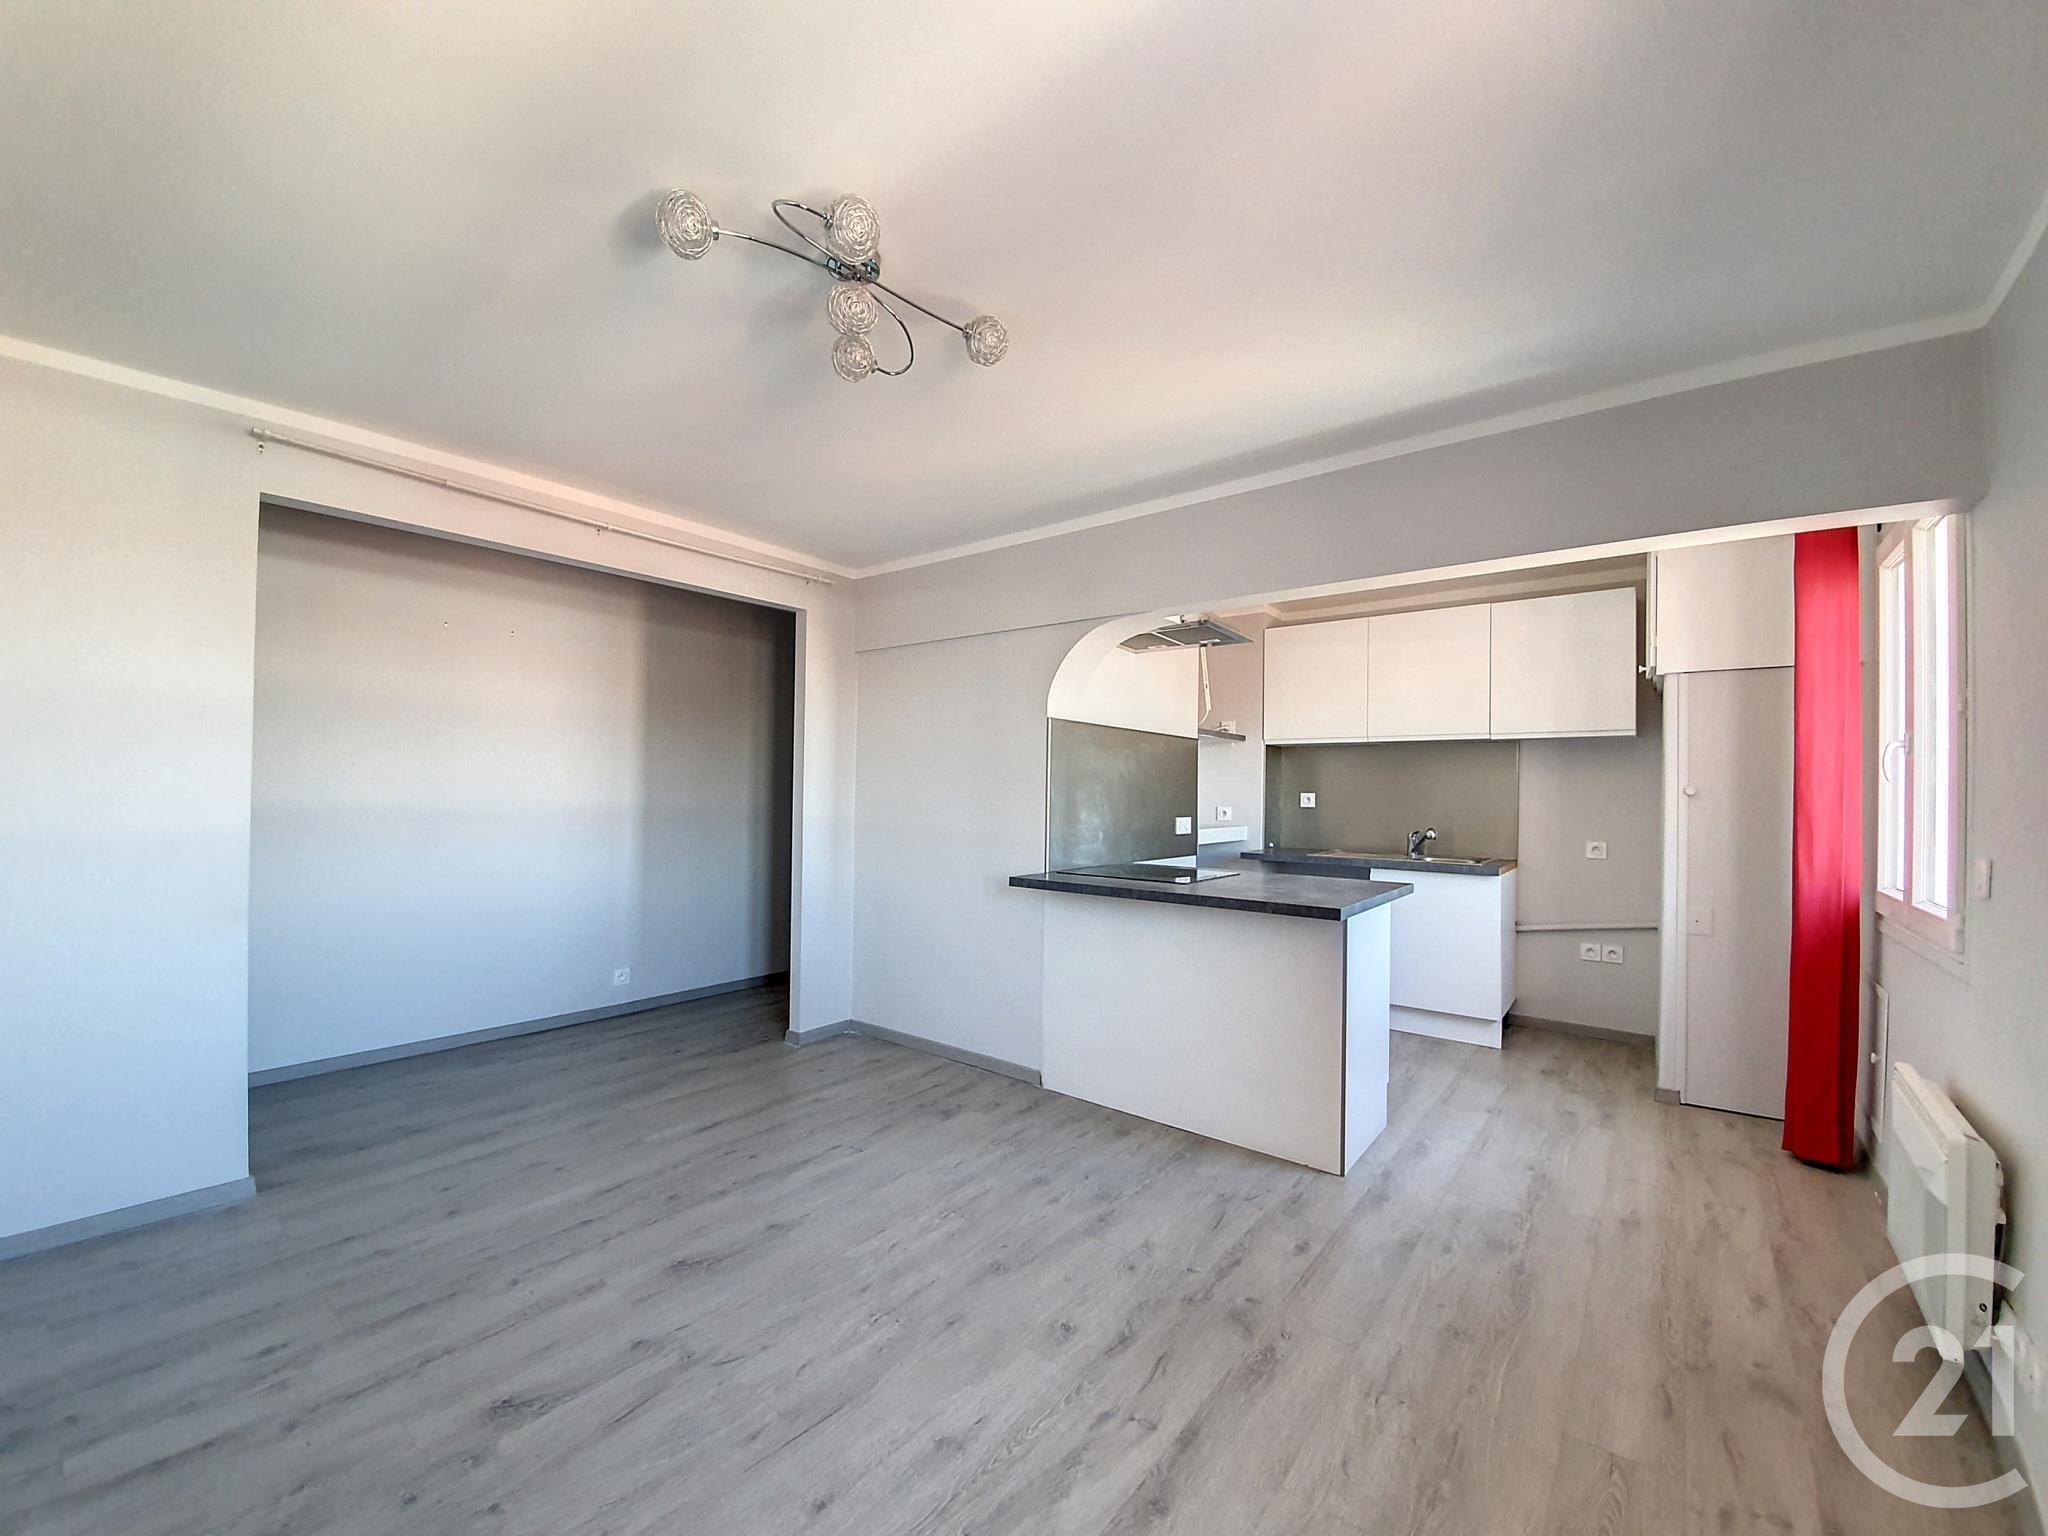 Appartement a louer colombes - 3 pièce(s) - 49.42 m2 - Surfyn